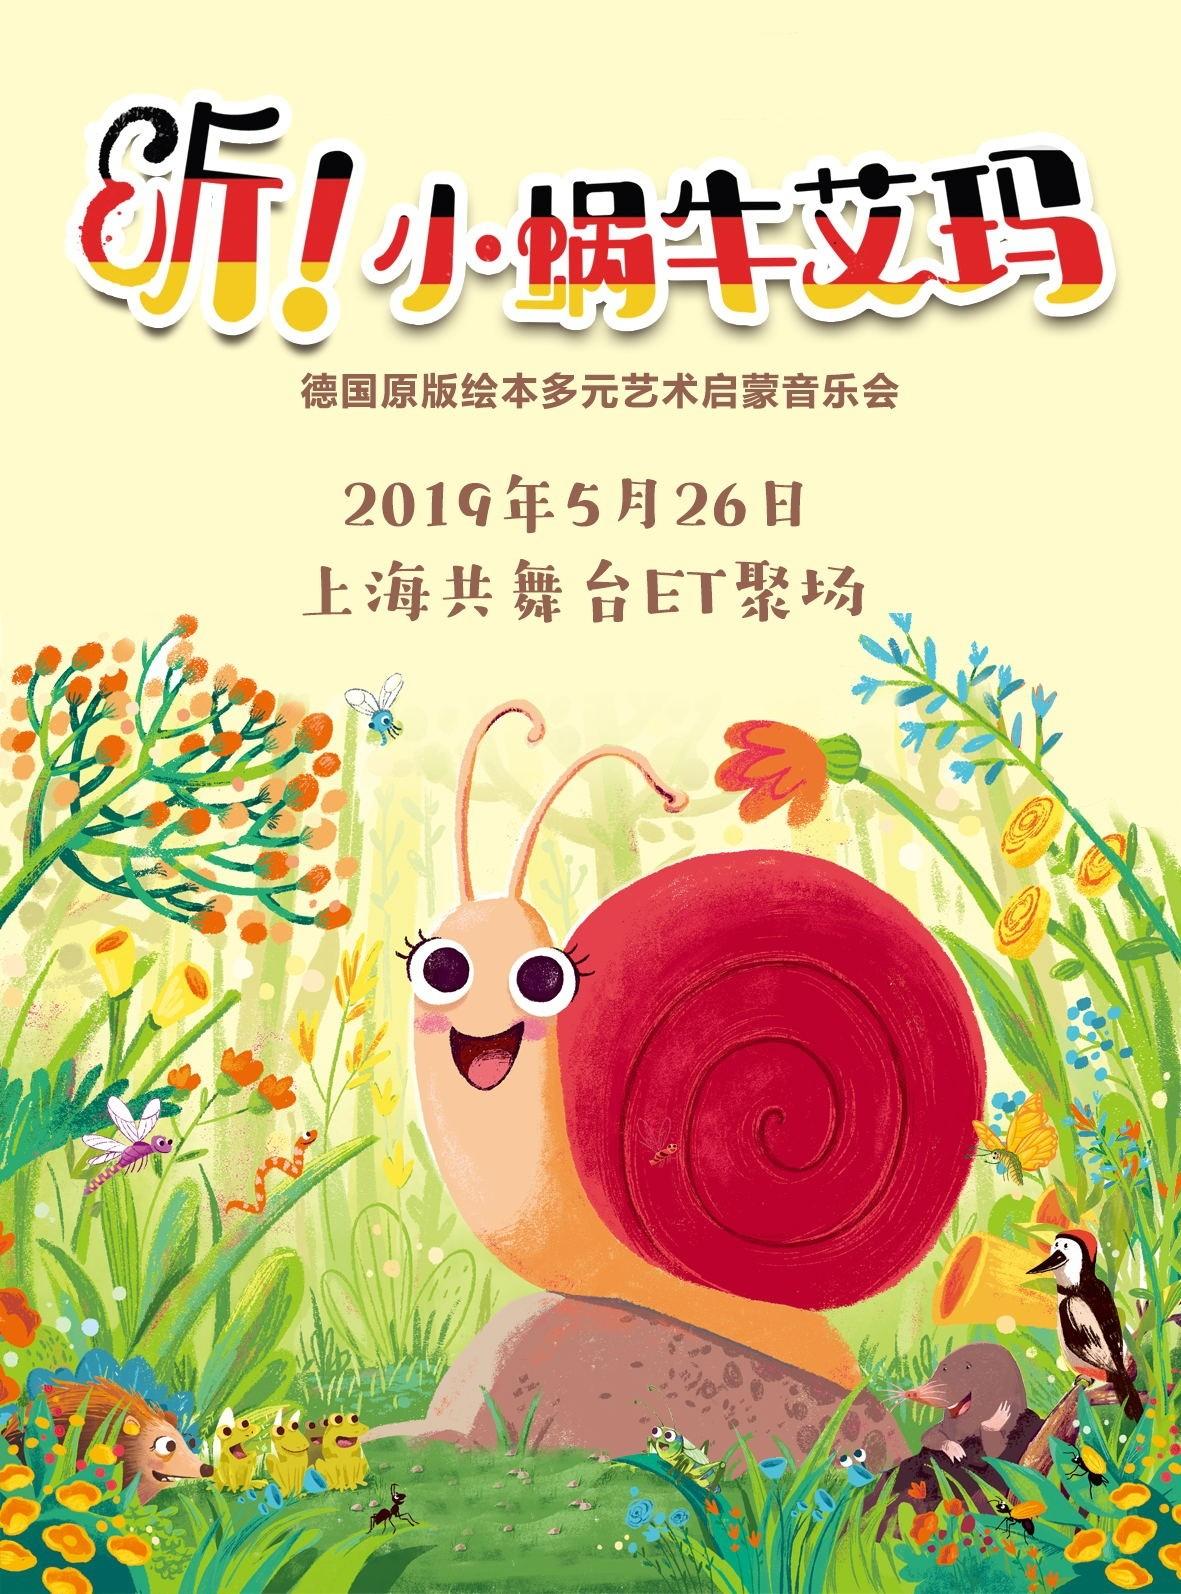 德国原版绘本多元艺术启蒙音乐会《听!小蜗牛艾玛》-上海站